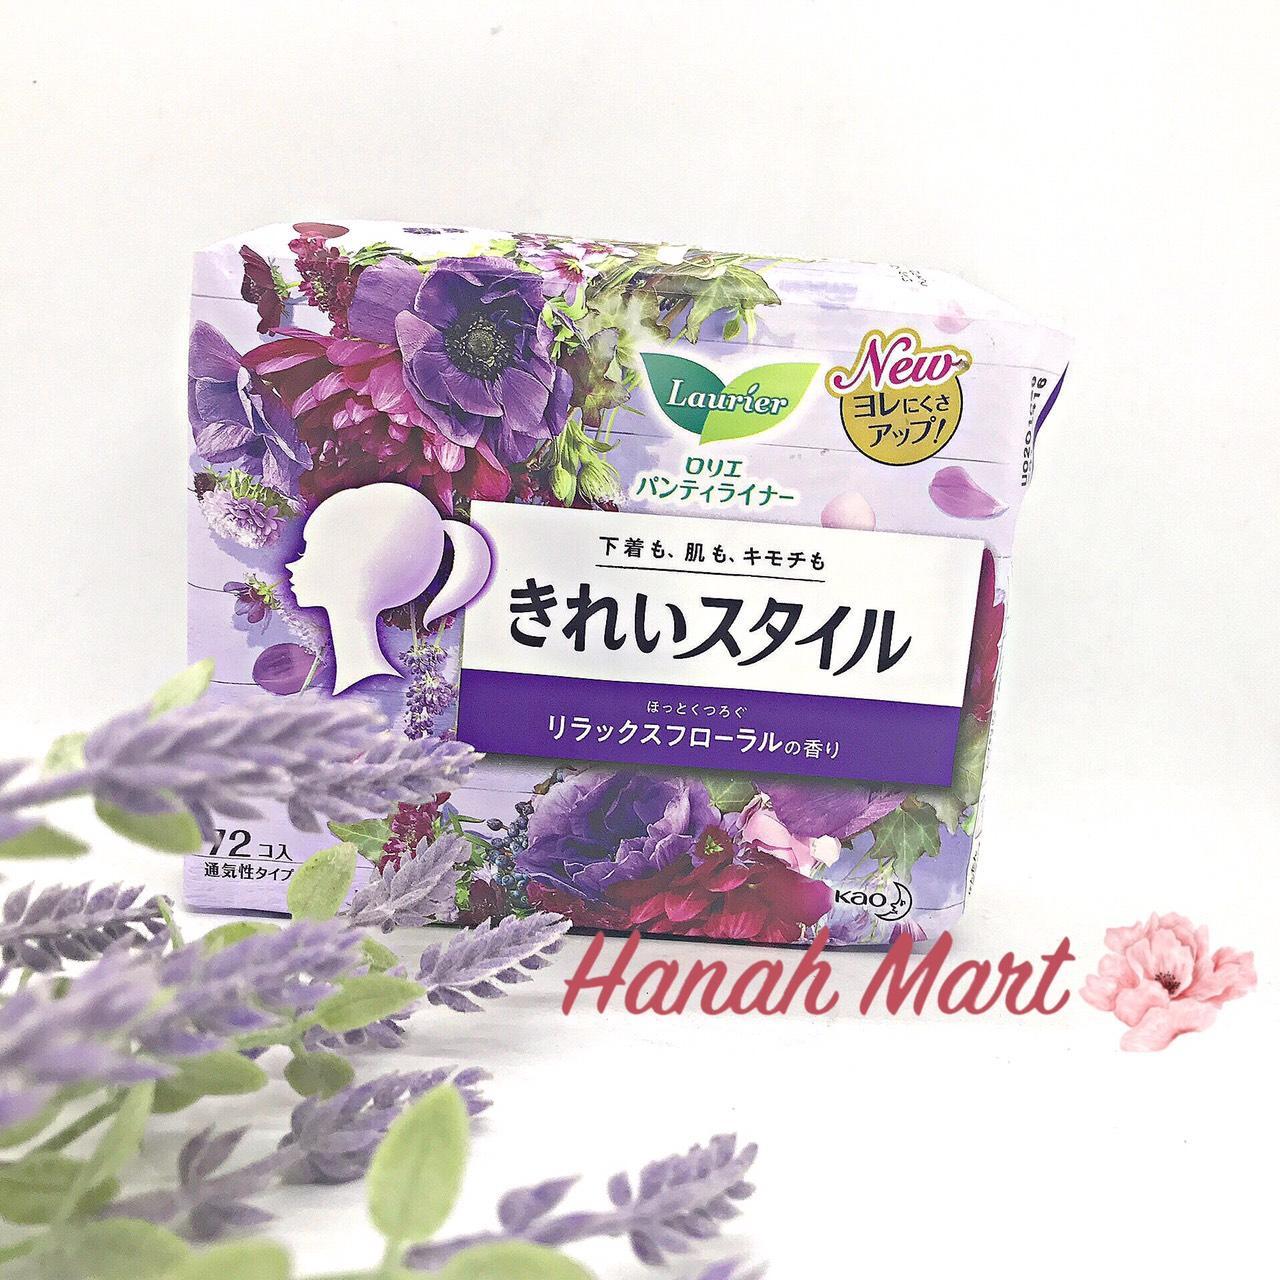 Băng vệ sinh hàng ngày Laurier 72 miếng hương nước hoa nội địa Nhật Bản bao bì mới nhất nhập khẩu